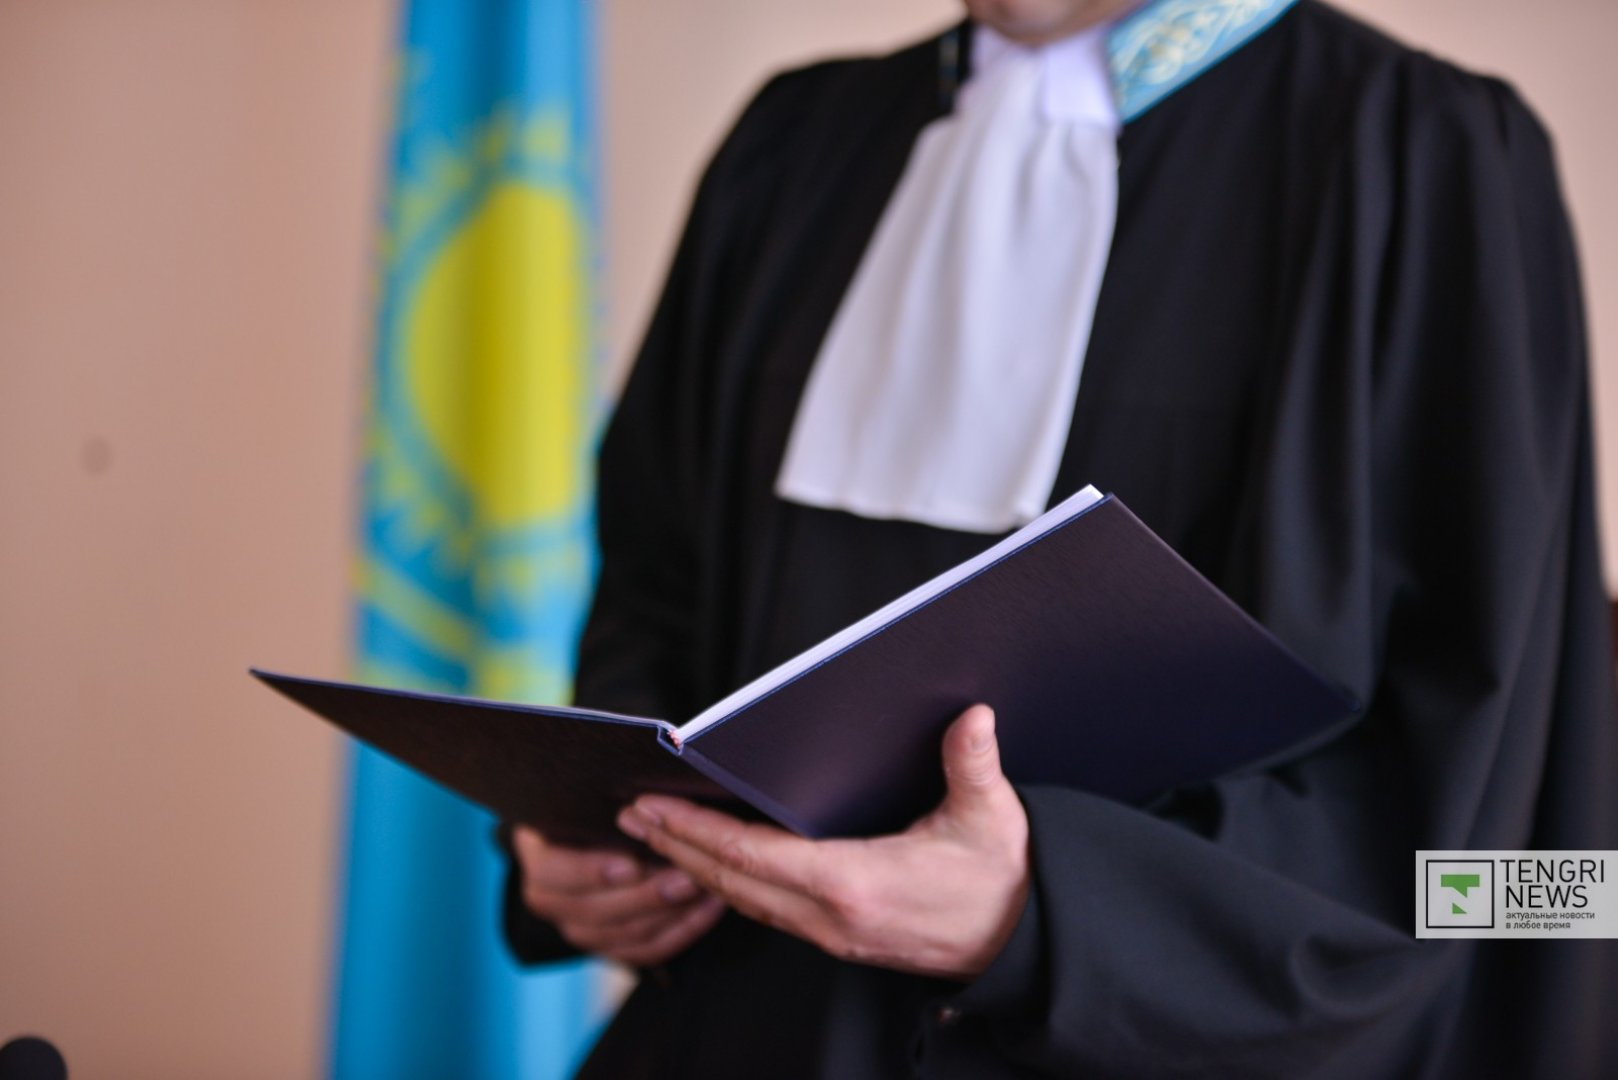 приговор суда по уголовному делу рк